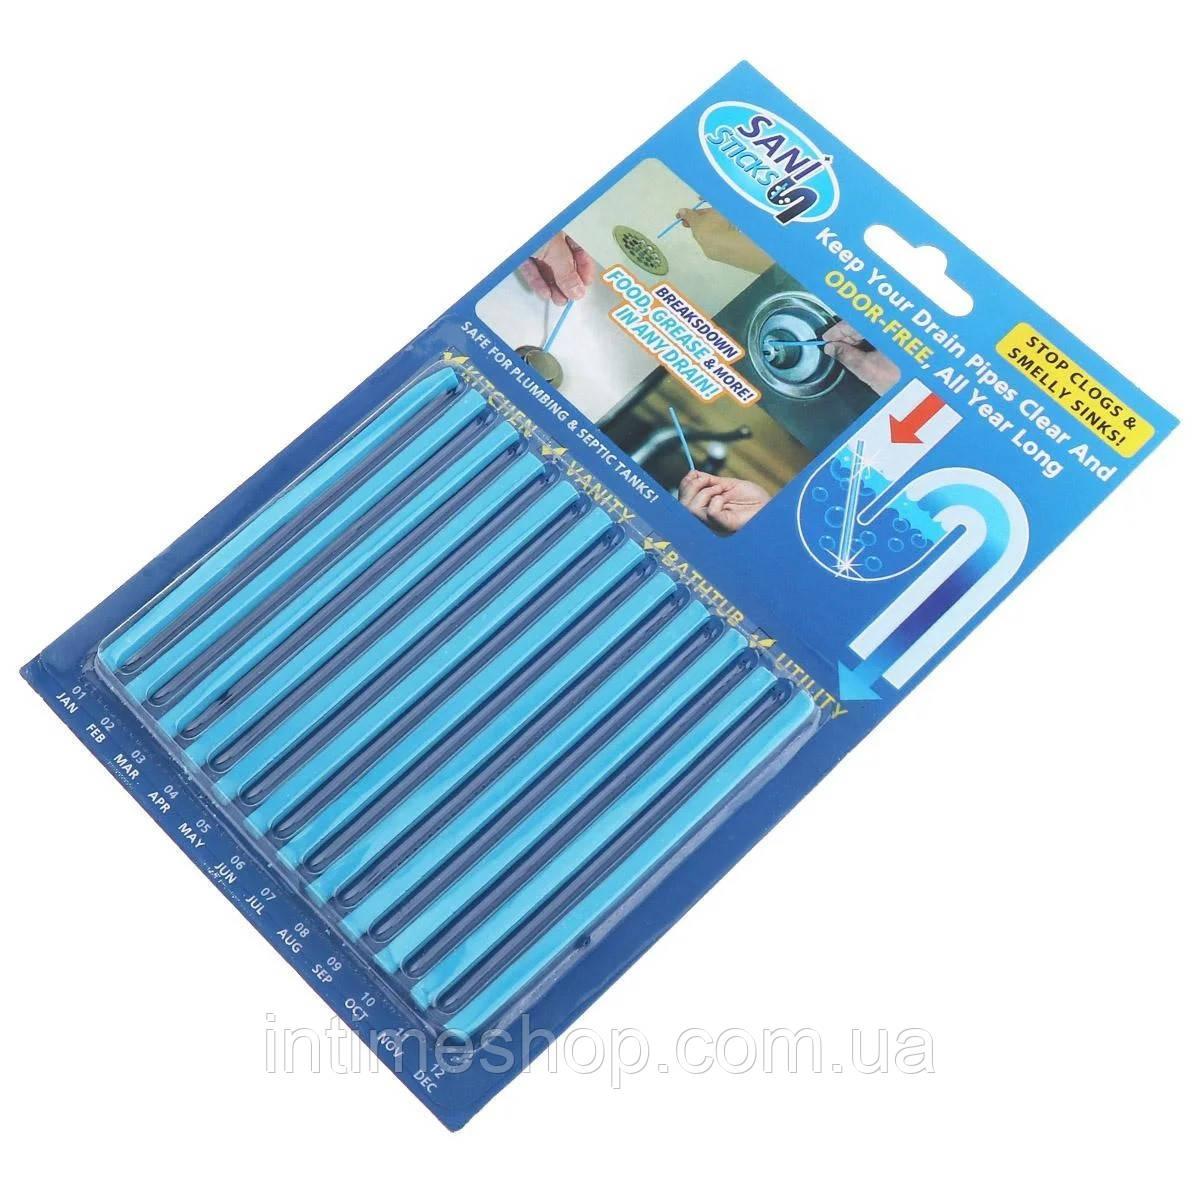 Палочки от засоров Sani Sticks Сани Стикс, Синие, средство для чистки труб и канализации с доставкой (TI)